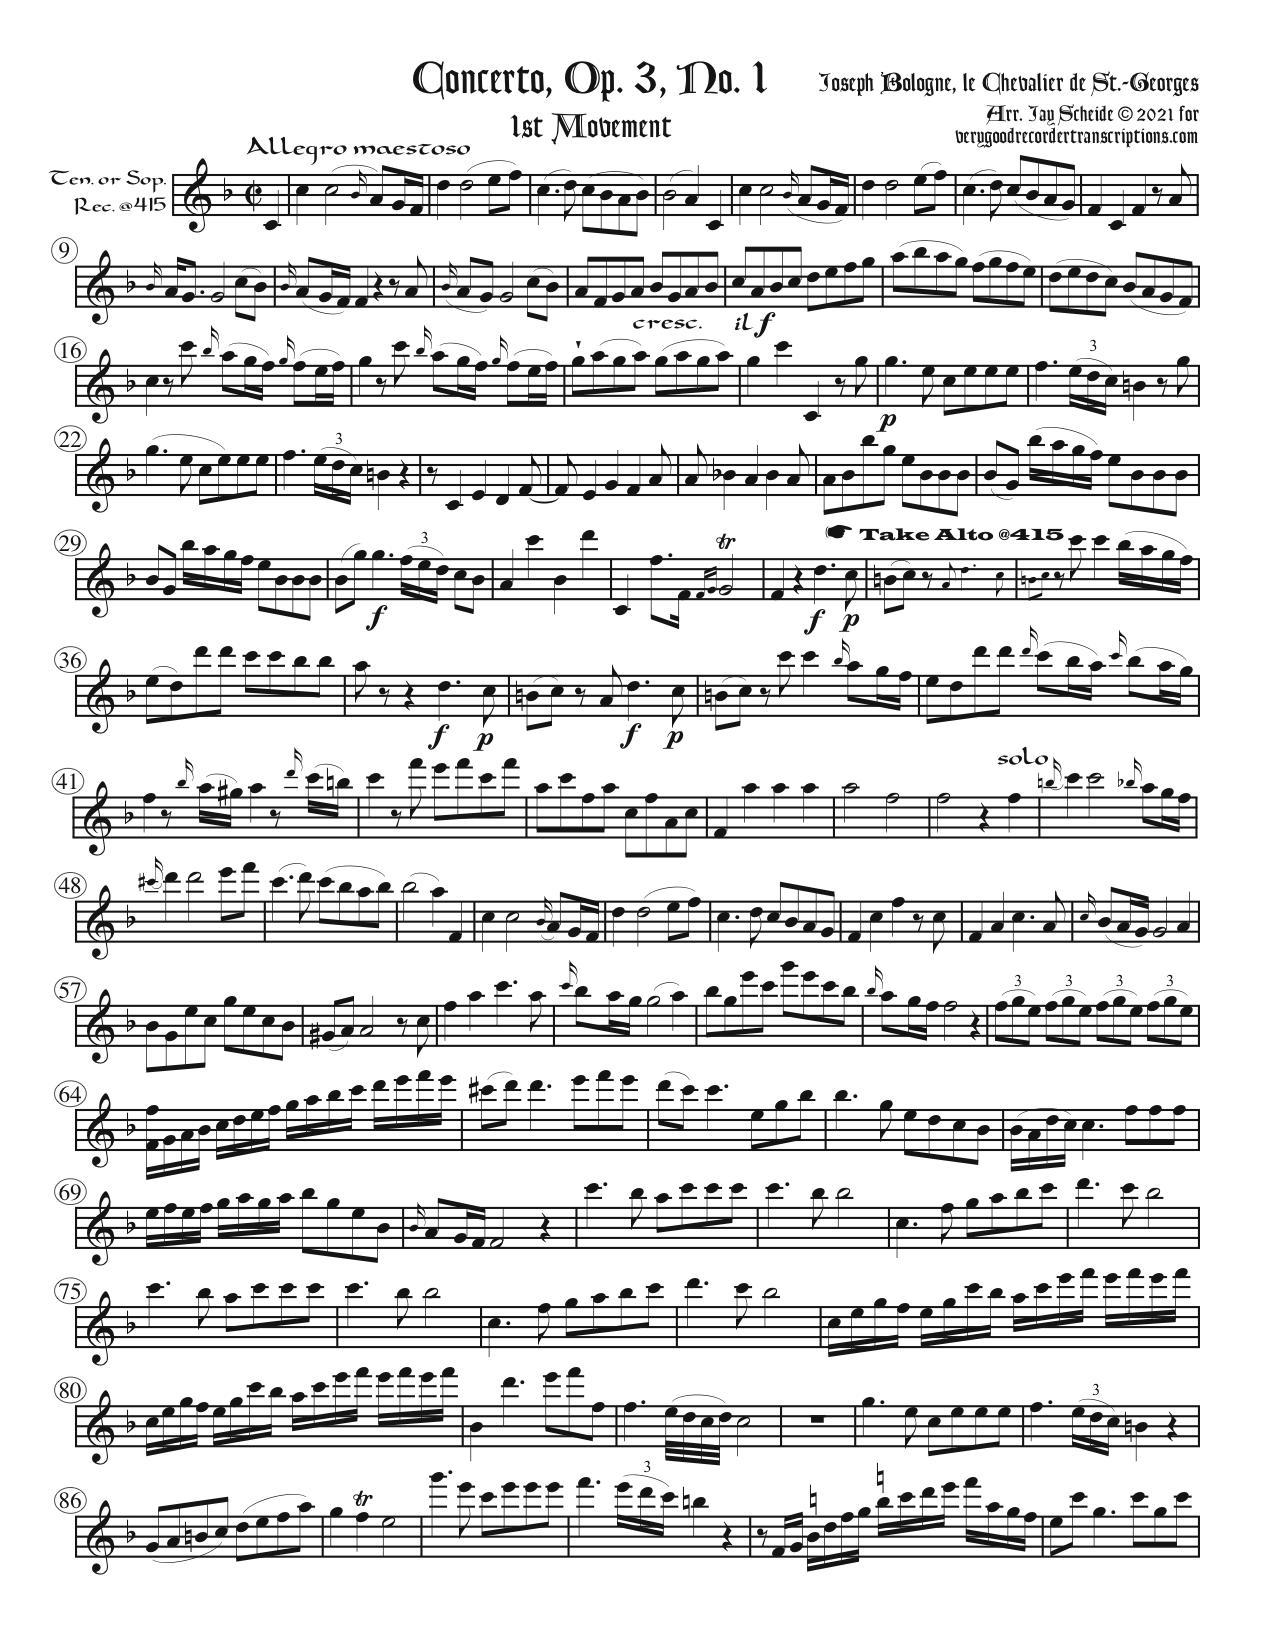 Concerto, Op. 3 No. 1